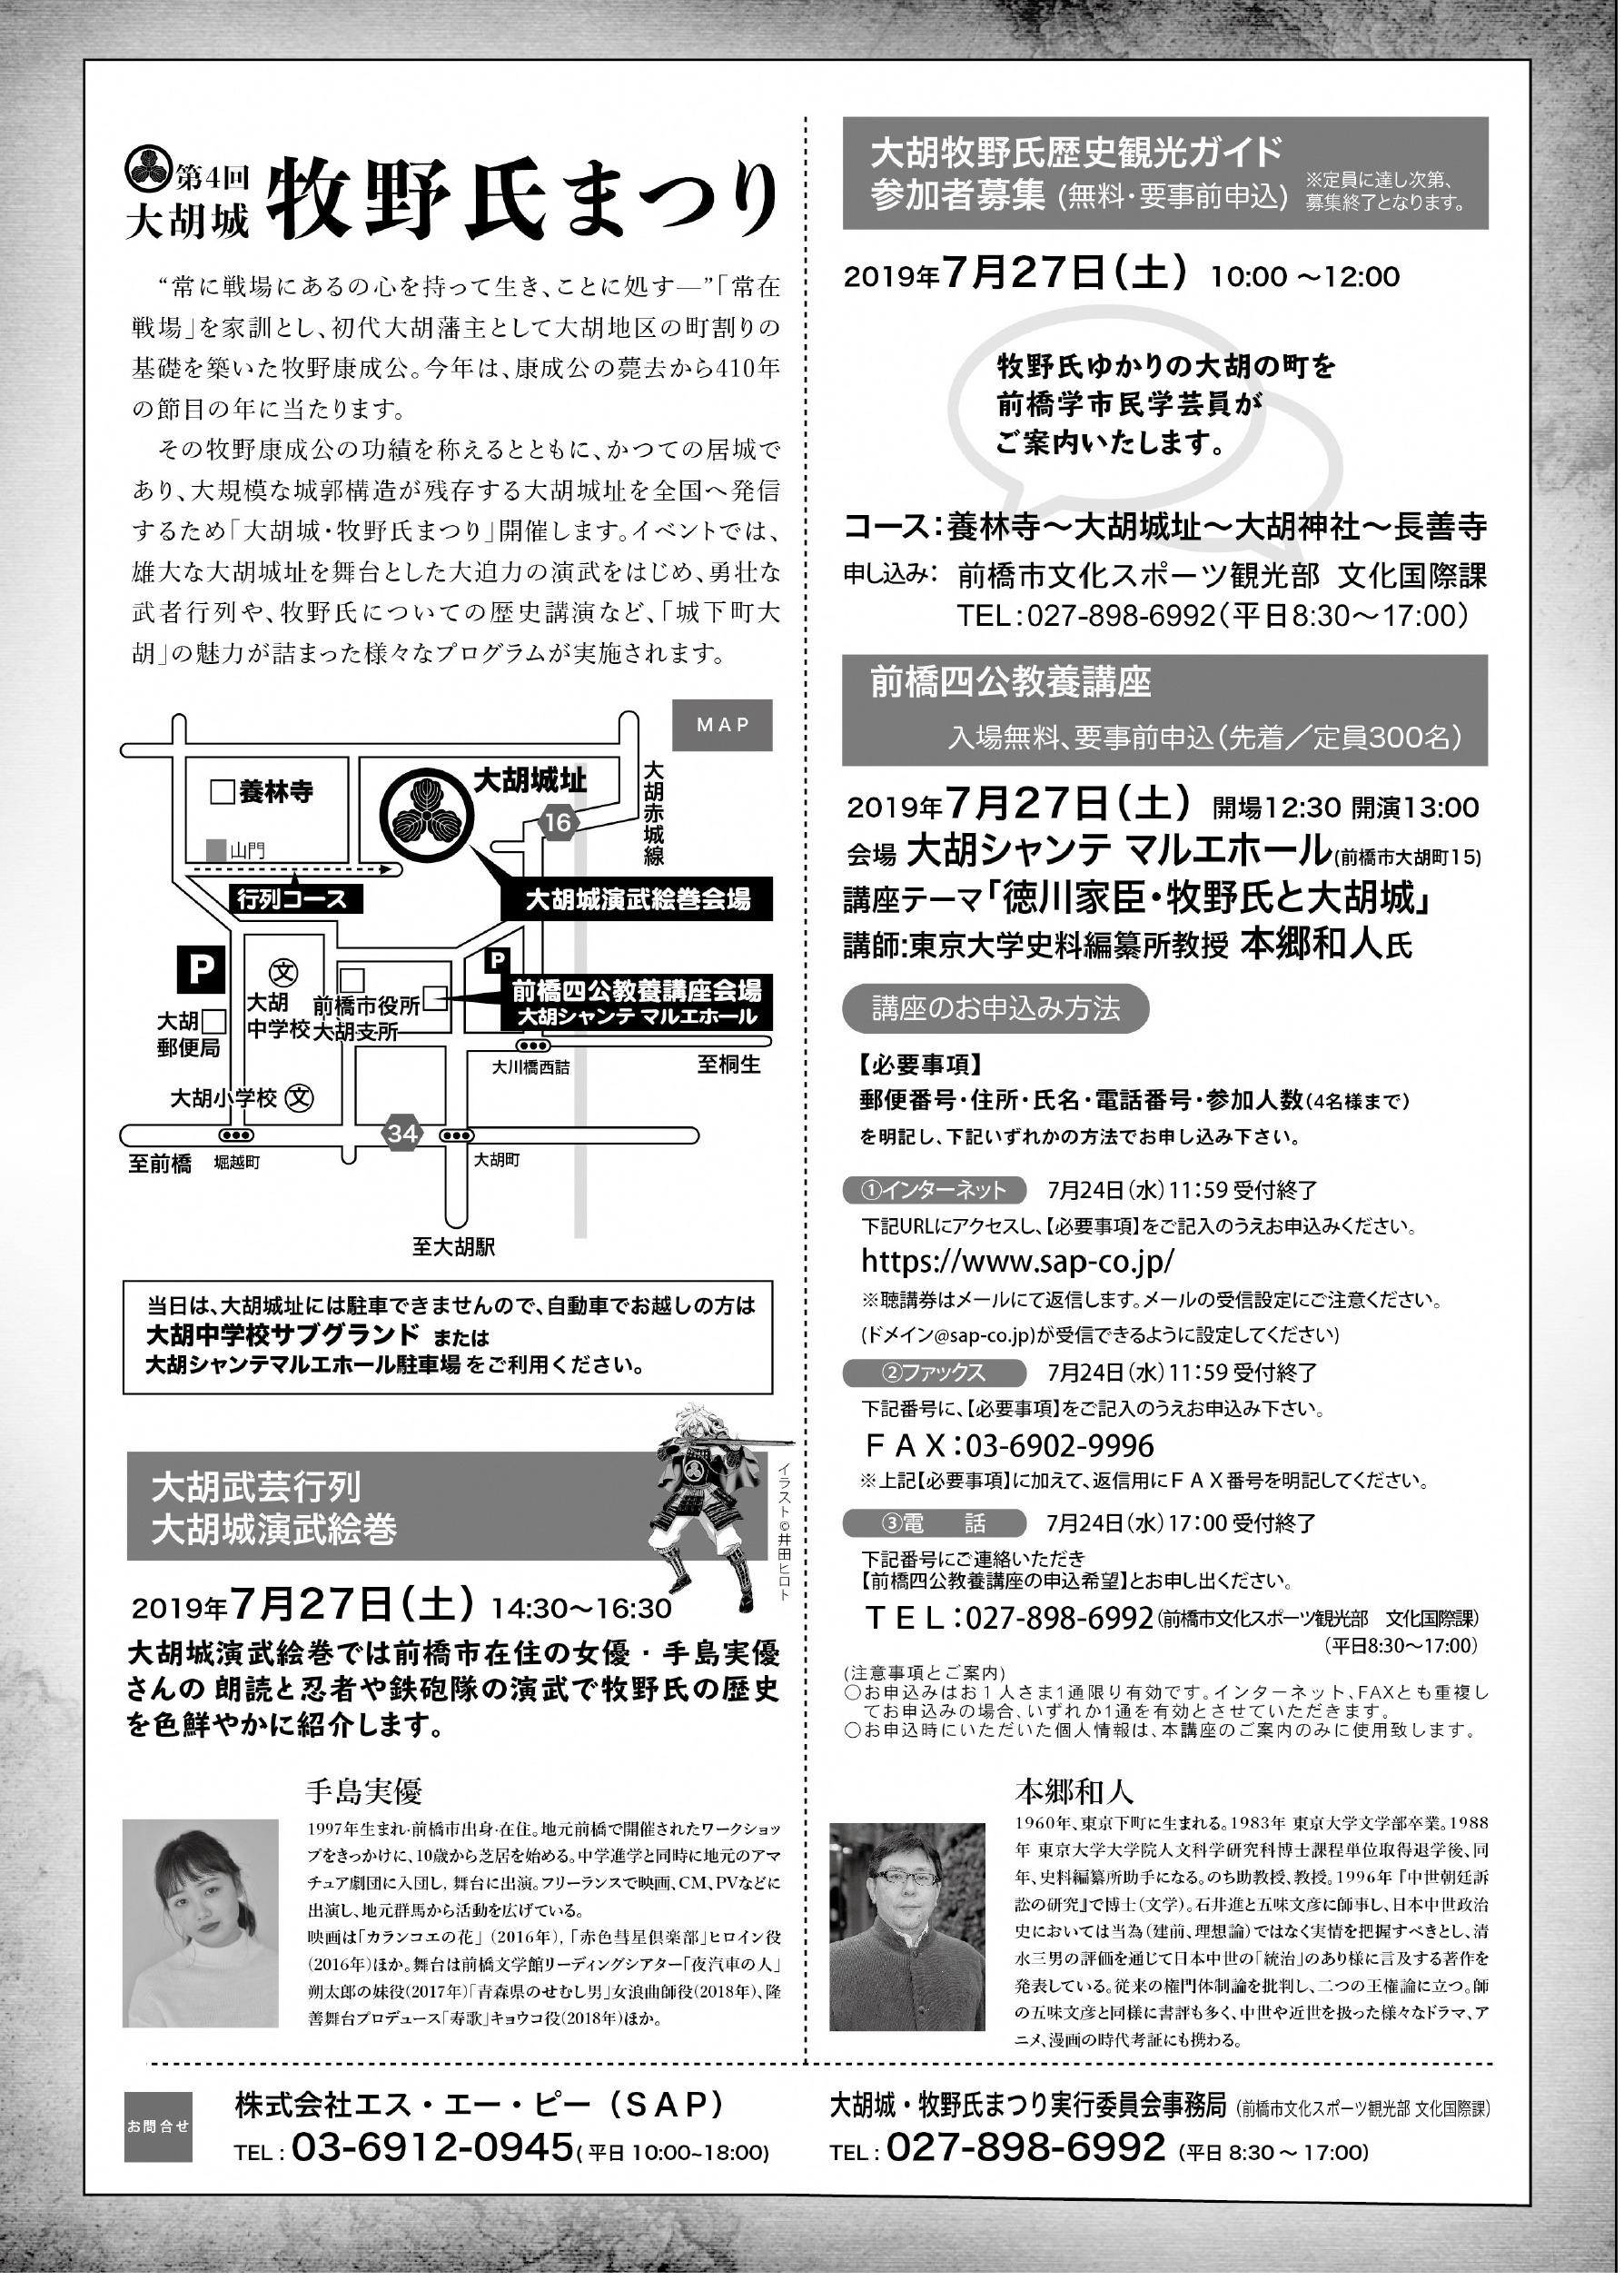 牧野氏まつり PDF